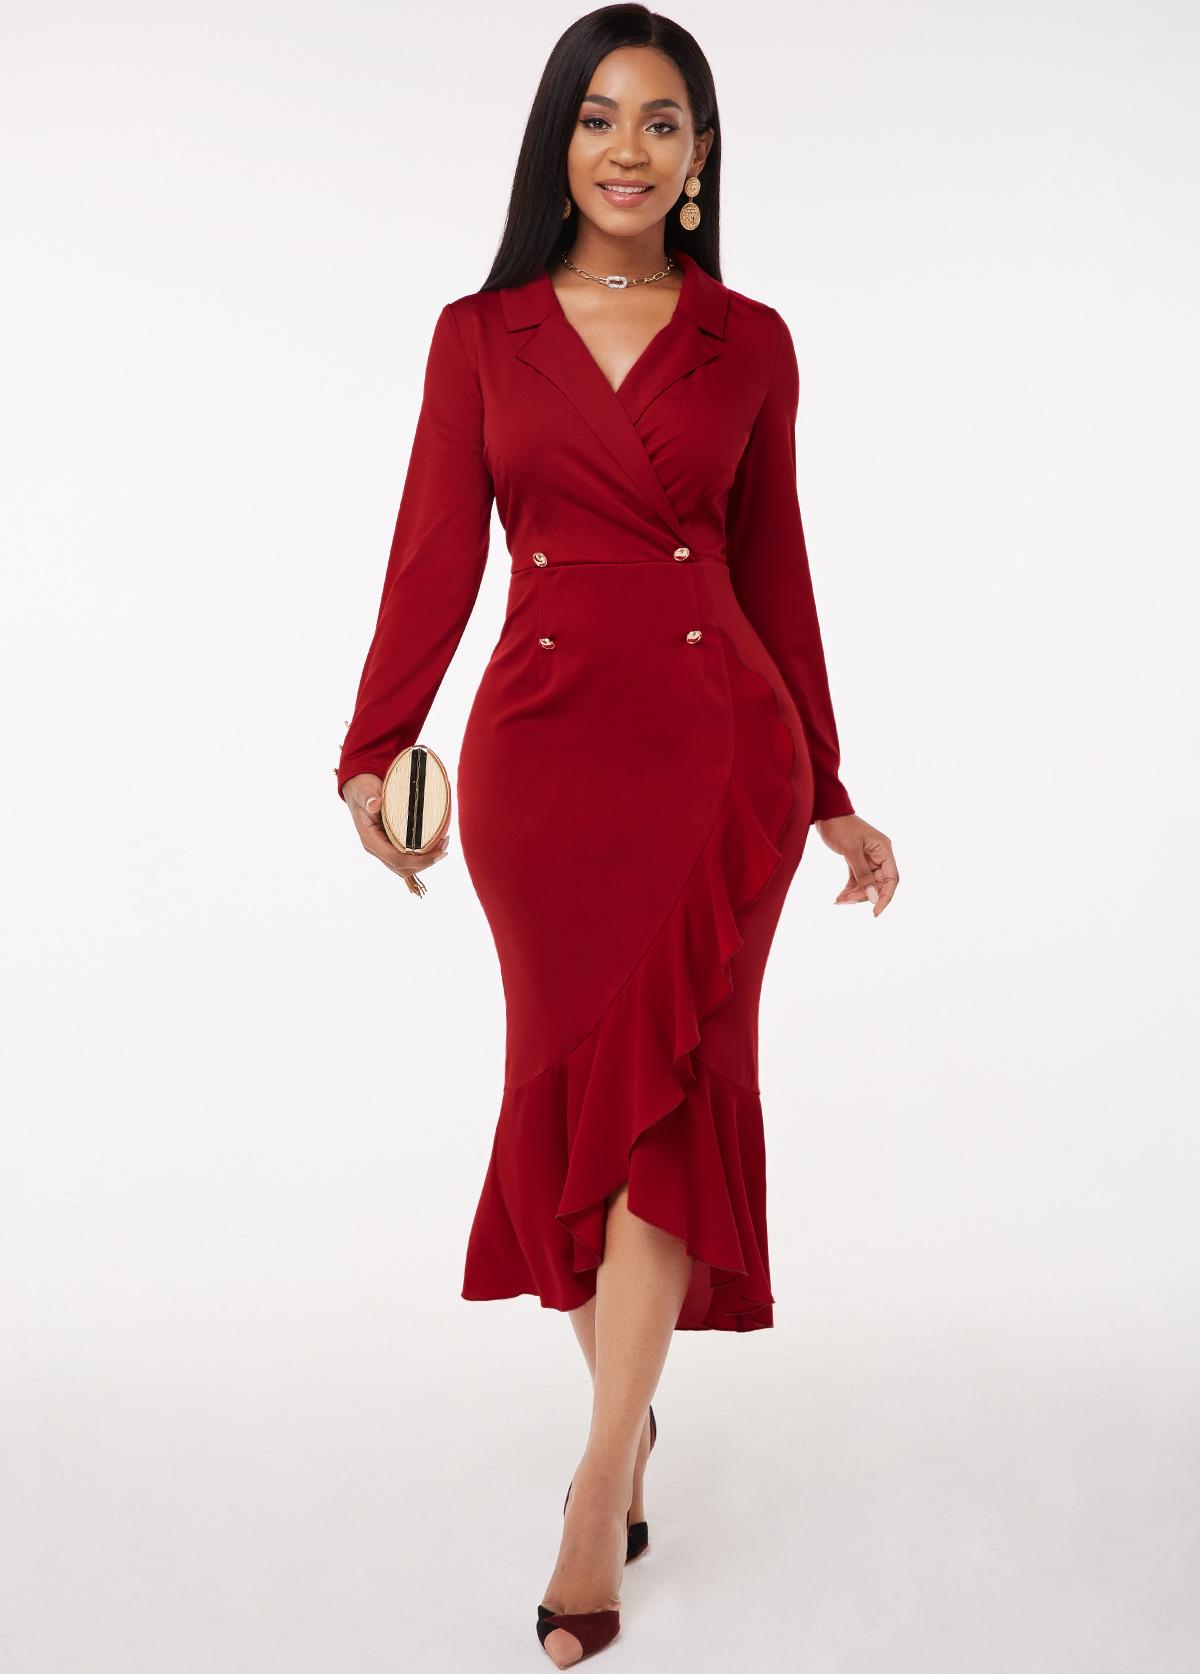 ROTITA Long Sleeve Flounce Button Detail Notch Collar Dress